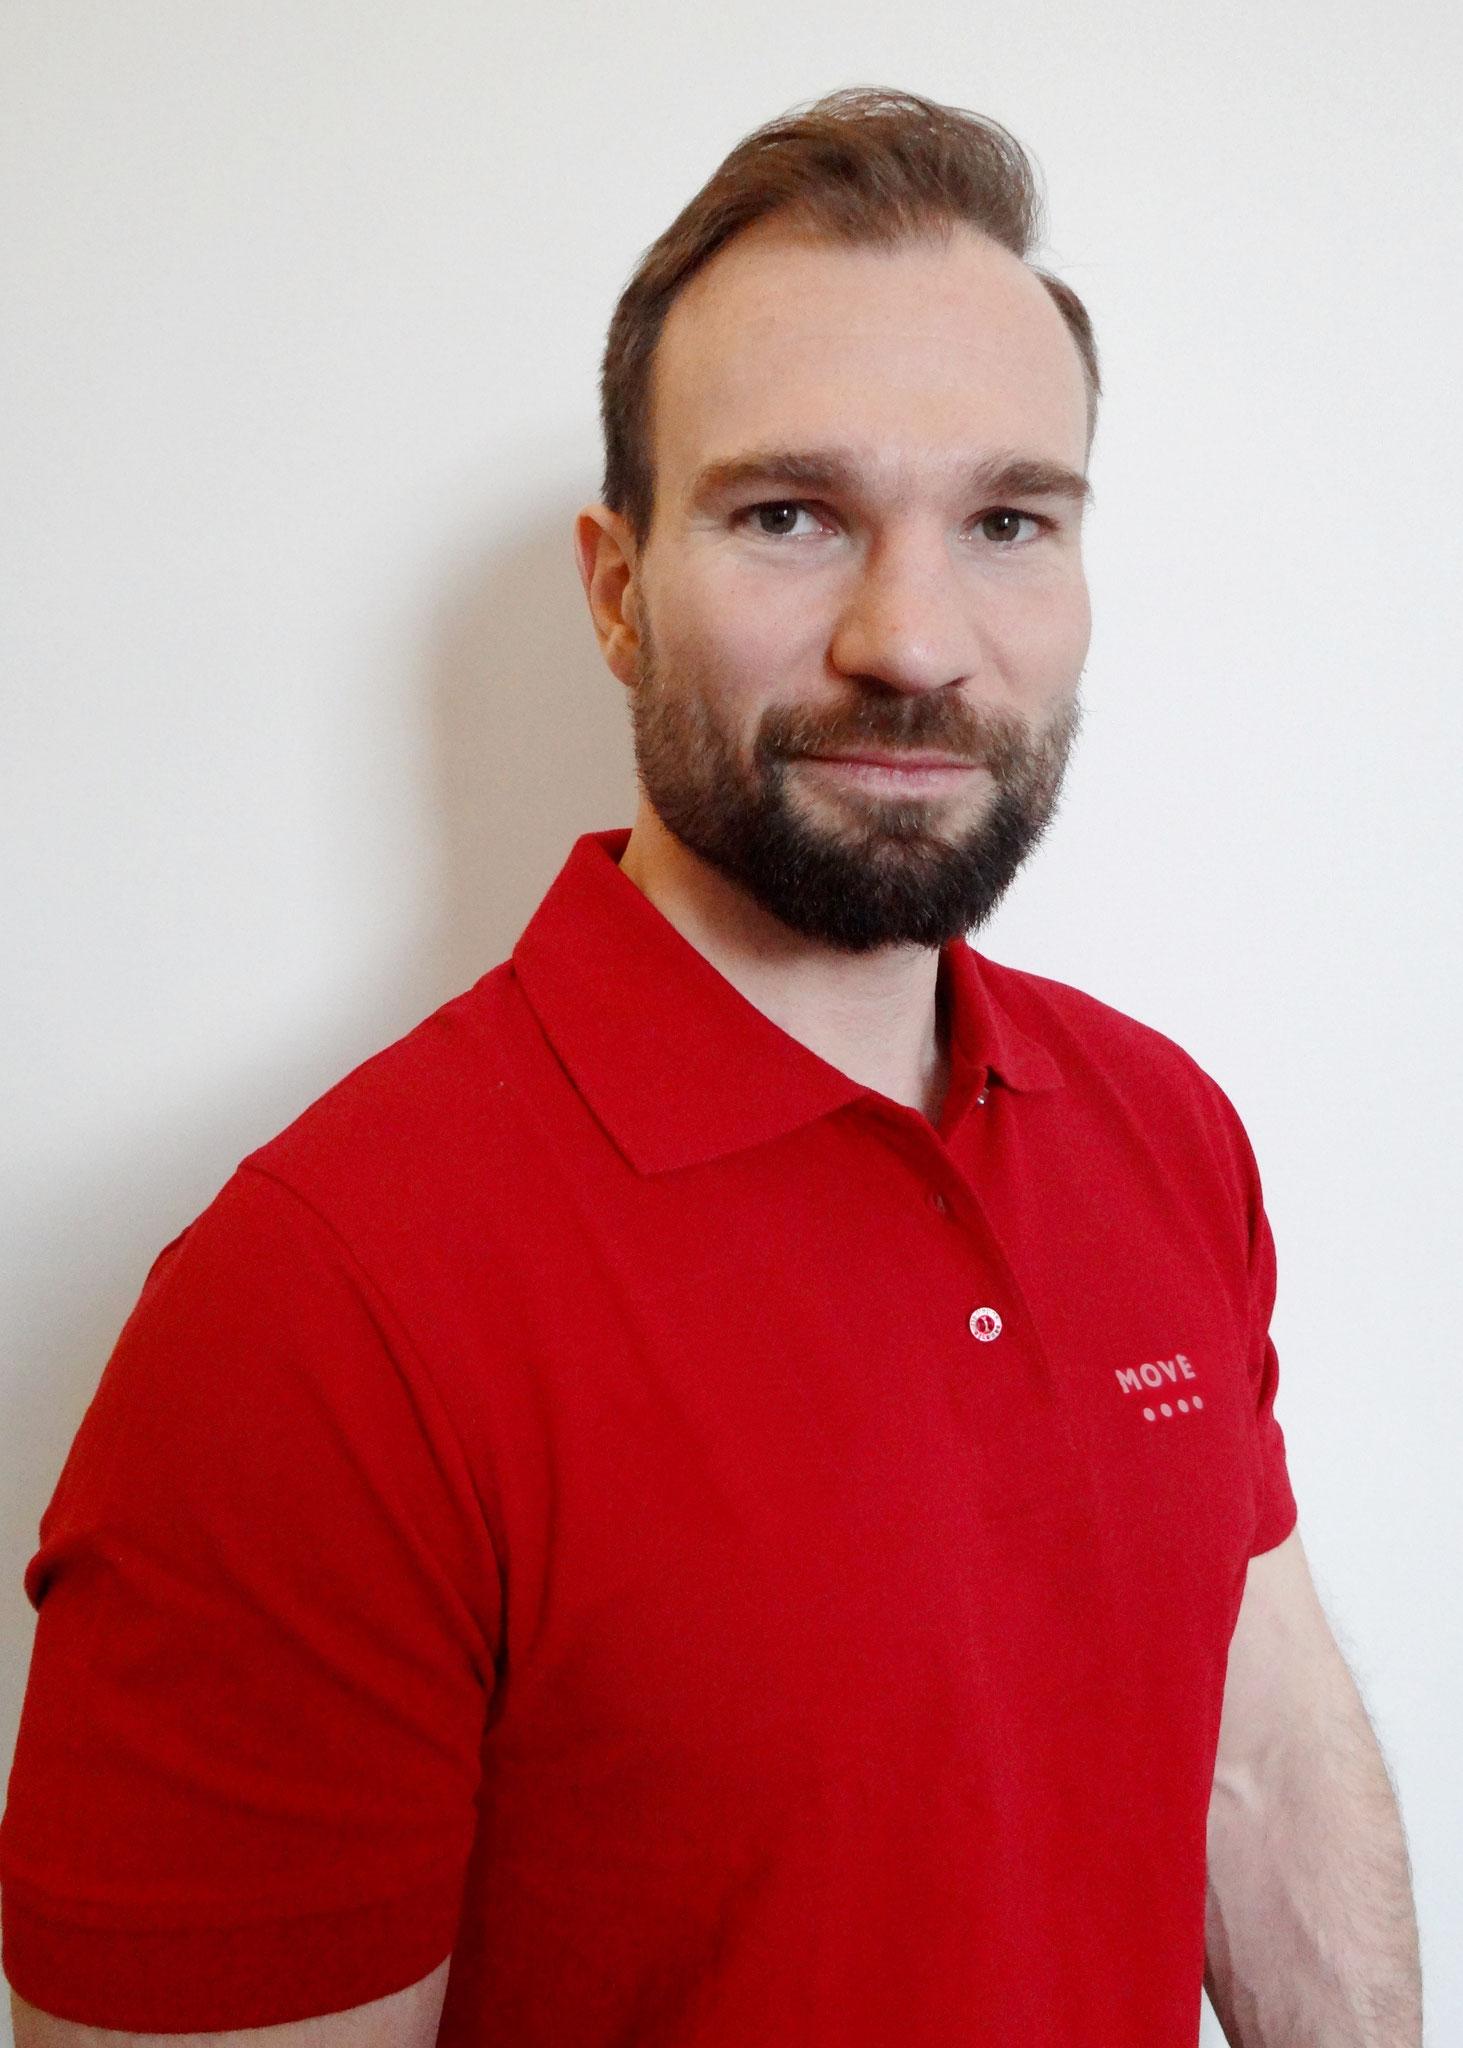 R. Fröde, Dipl. Psychologe